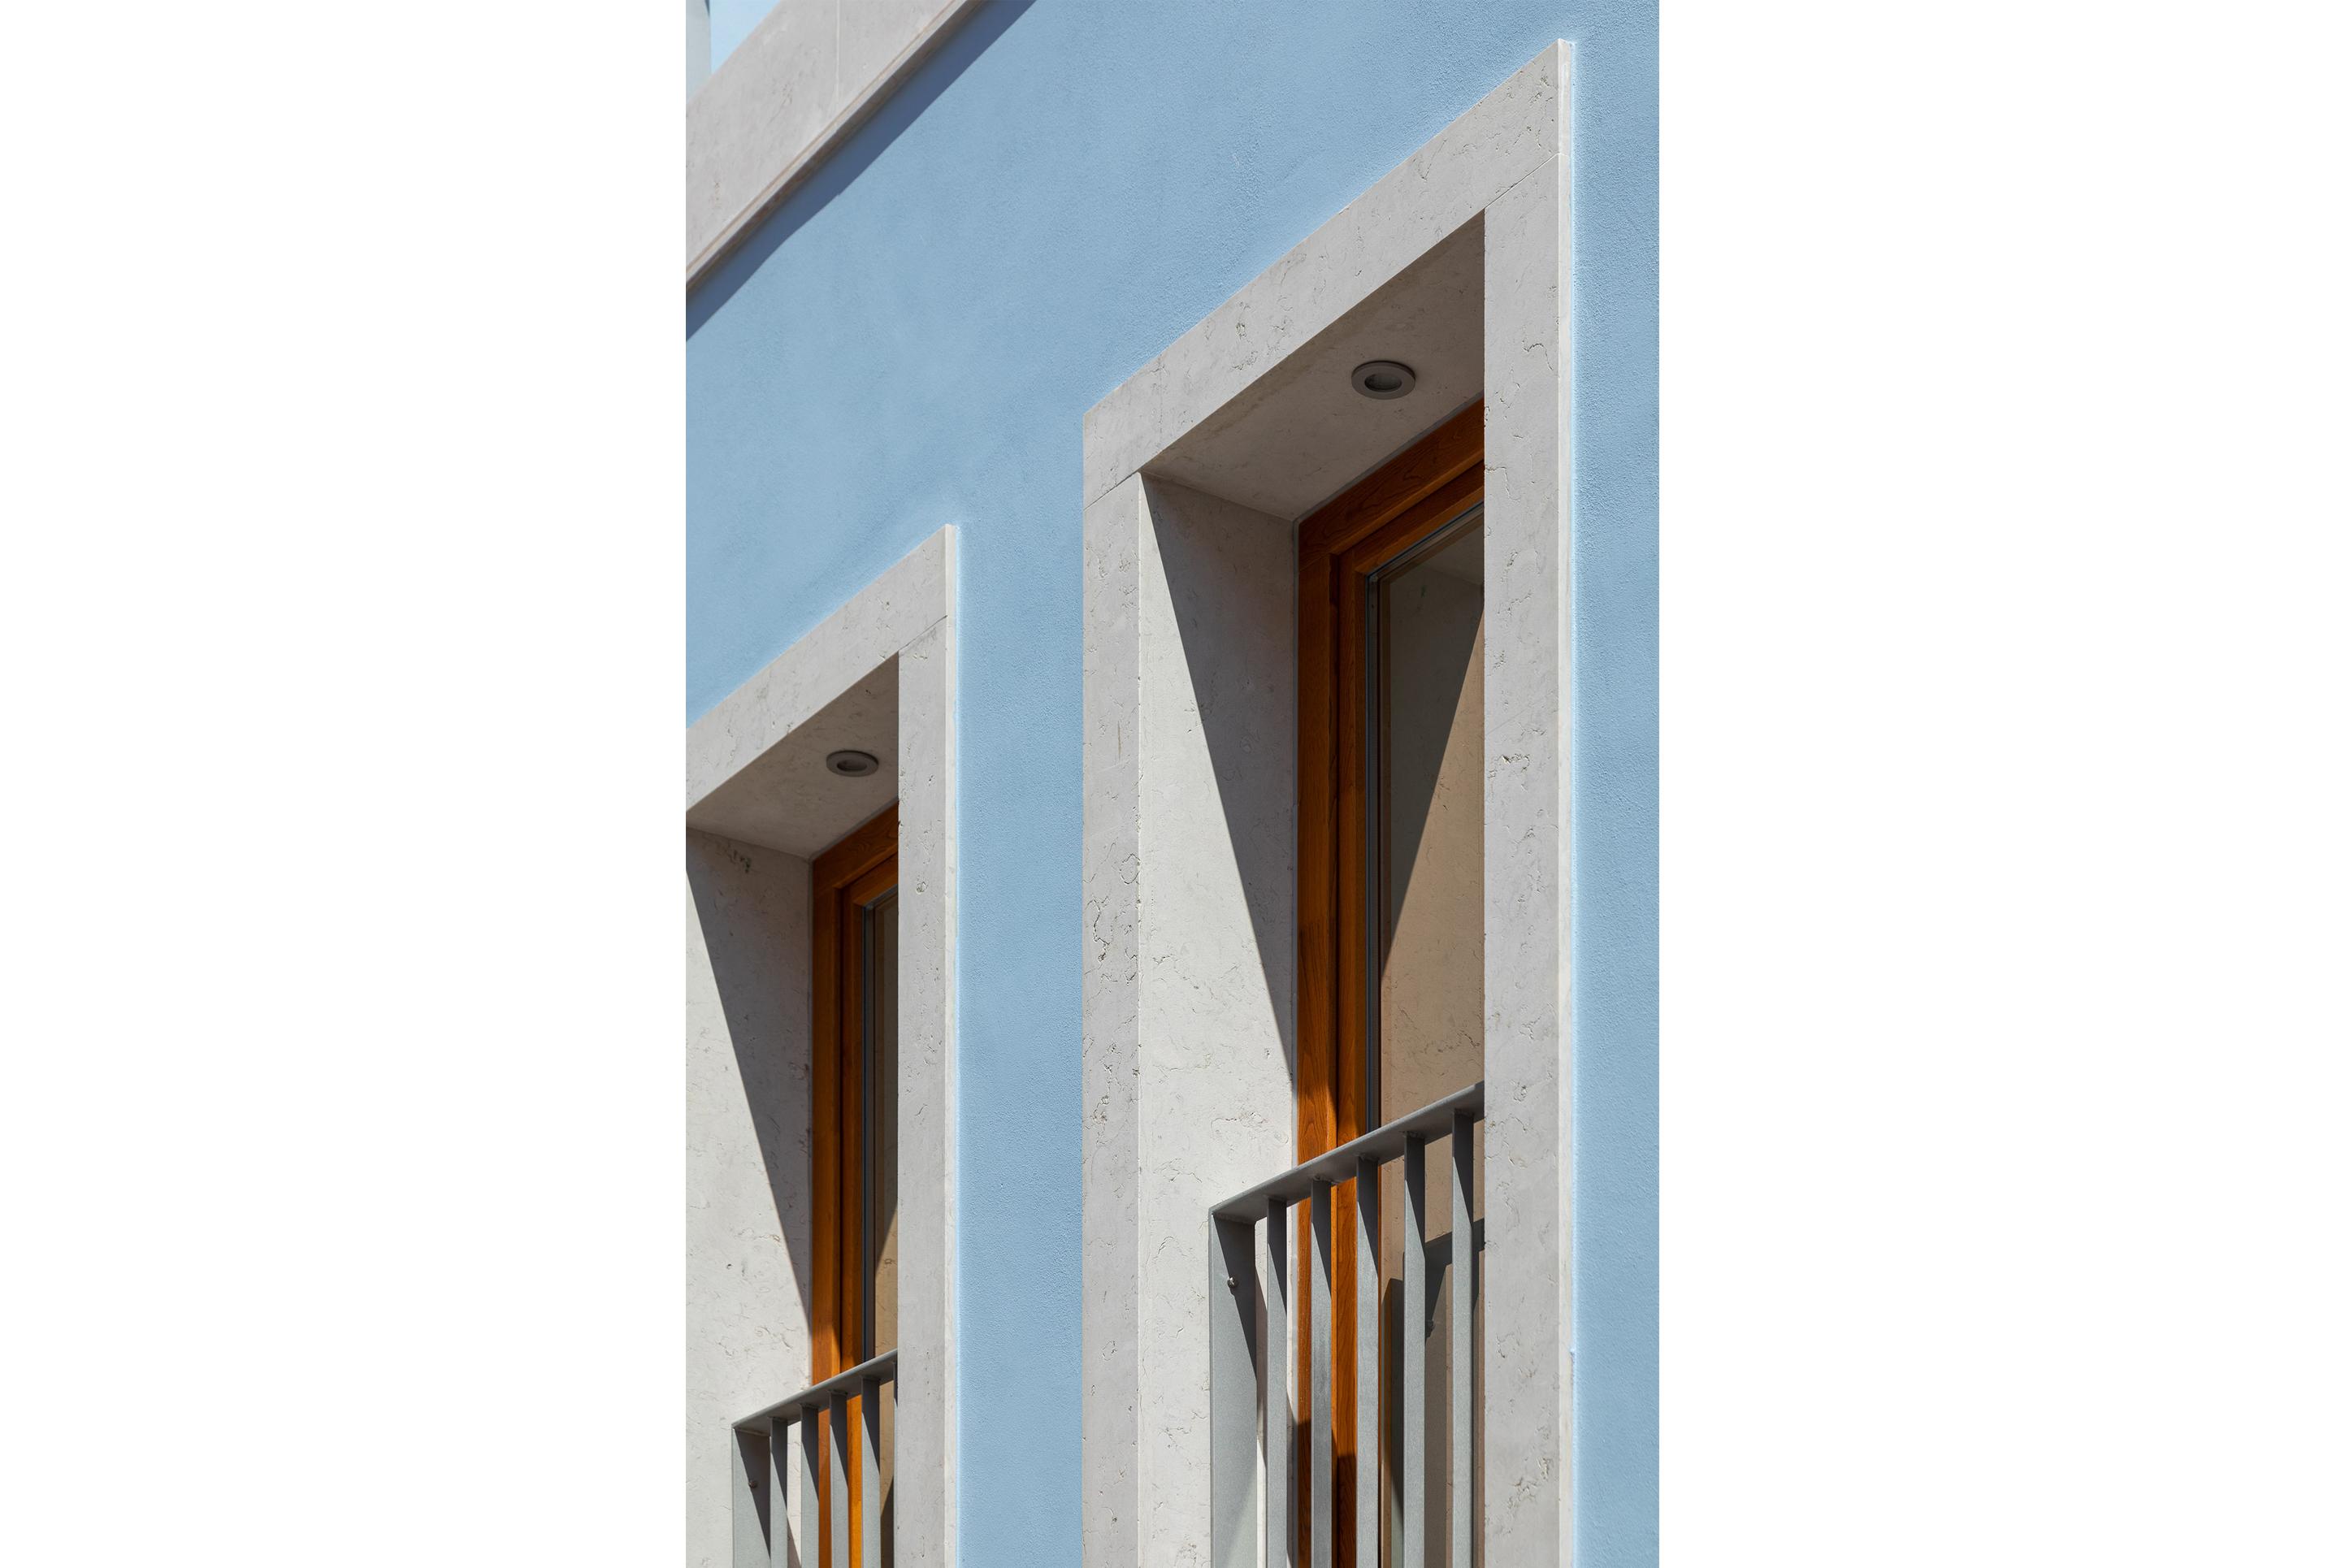 Cascais Lisboa Lisbon arquitectos architects atelier arquitetura Esquissos Arquitect reabilitação rehabilitation refirbishment